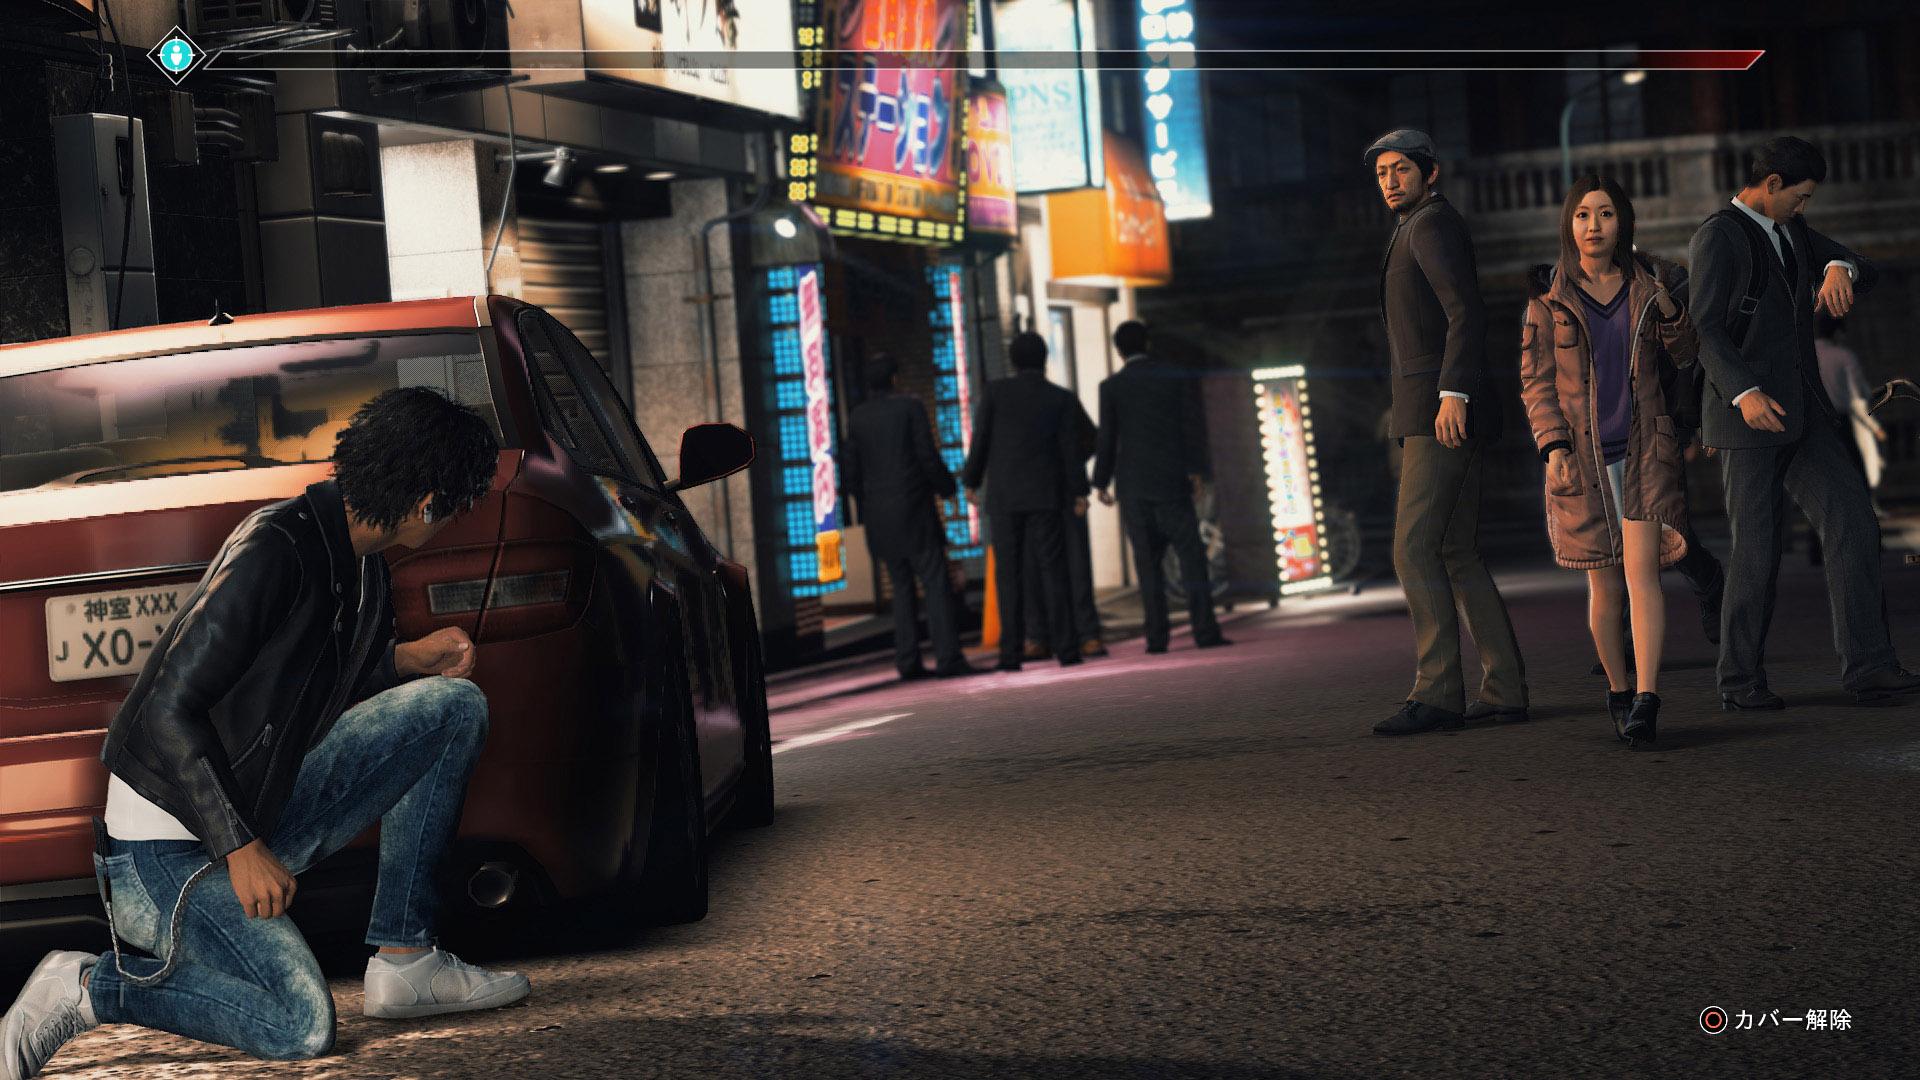 木村拓哉 in PS4® 法庭劇巨作 以新價格登場! 『審判之眼:死神的遺言 新價格版』將於7月18日(四) 發售繁體中文版 216